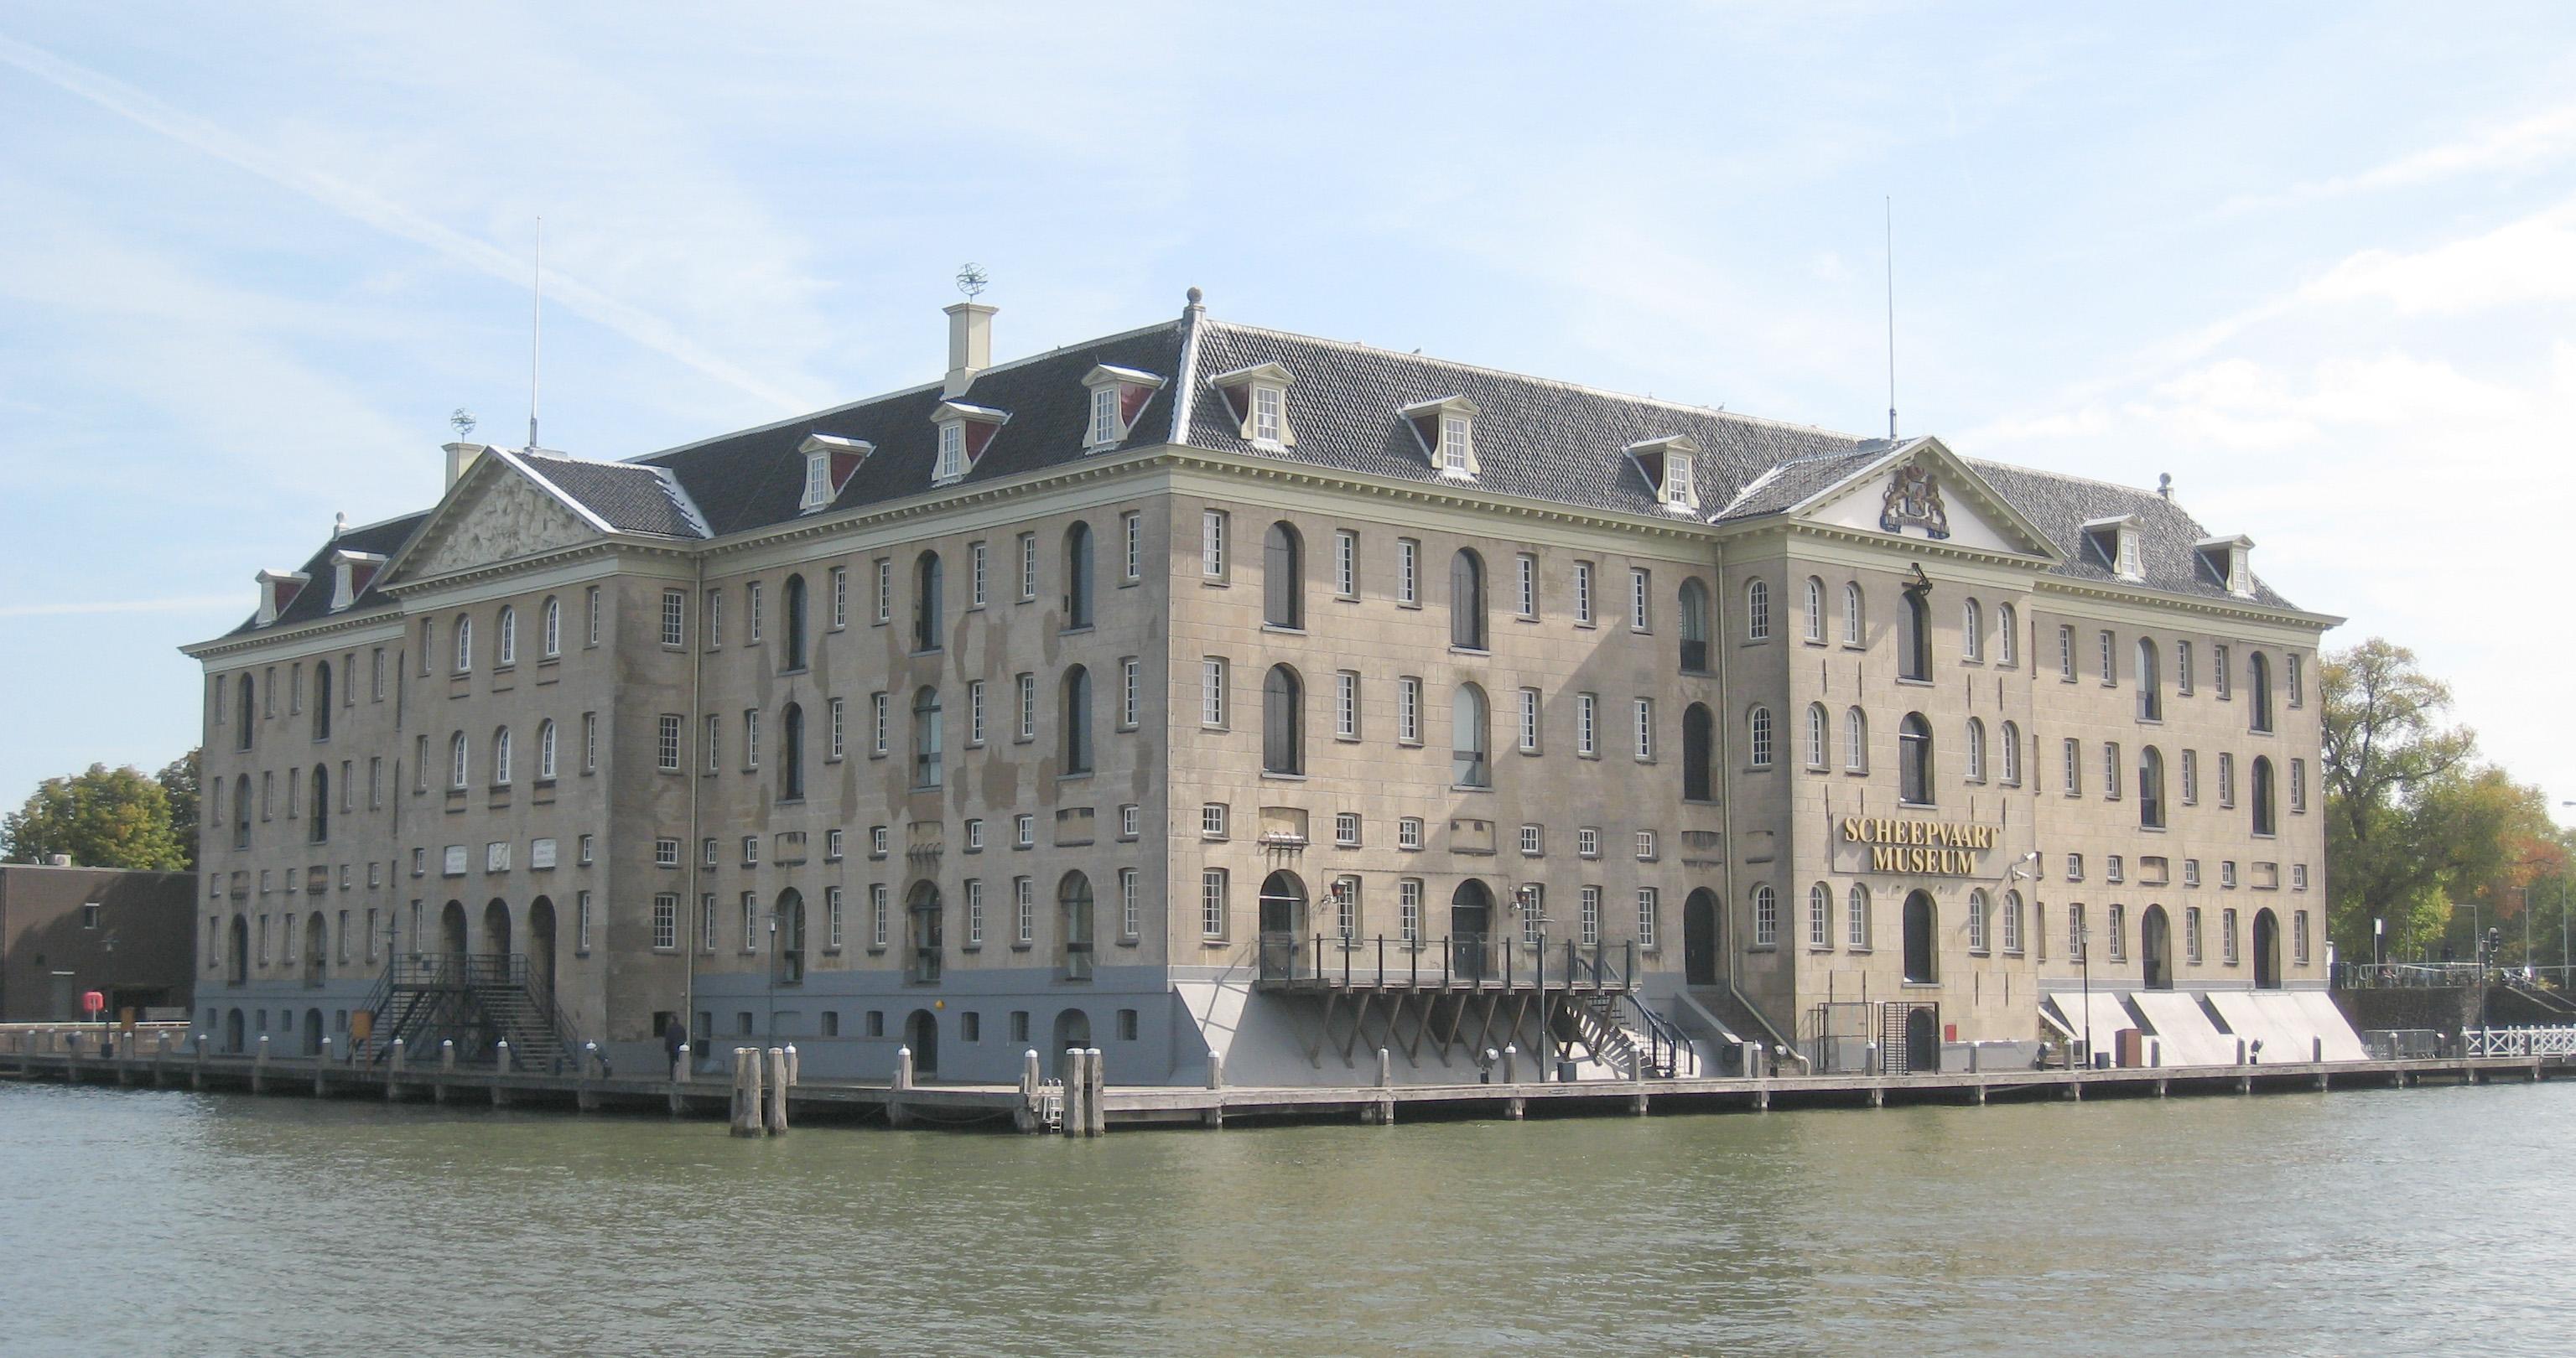 Scheepvaart-Museum-Amsterdam-2